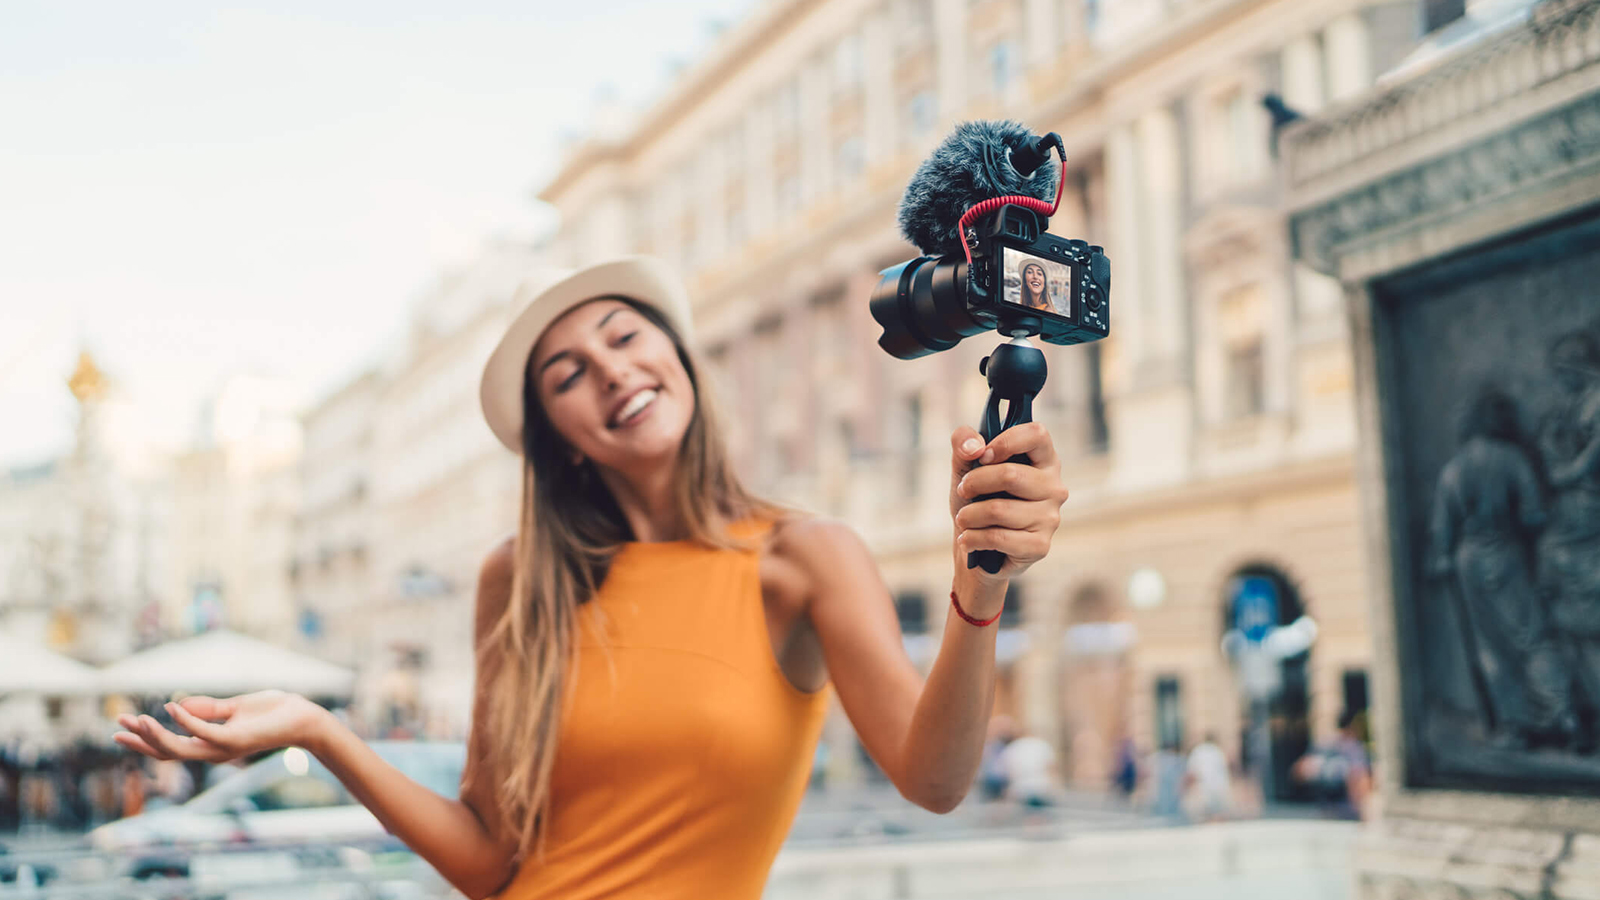 O que voce pode aprender sobre videos com o influenciador digital - O que você pode aprender sobre vídeos com o influenciador digital?